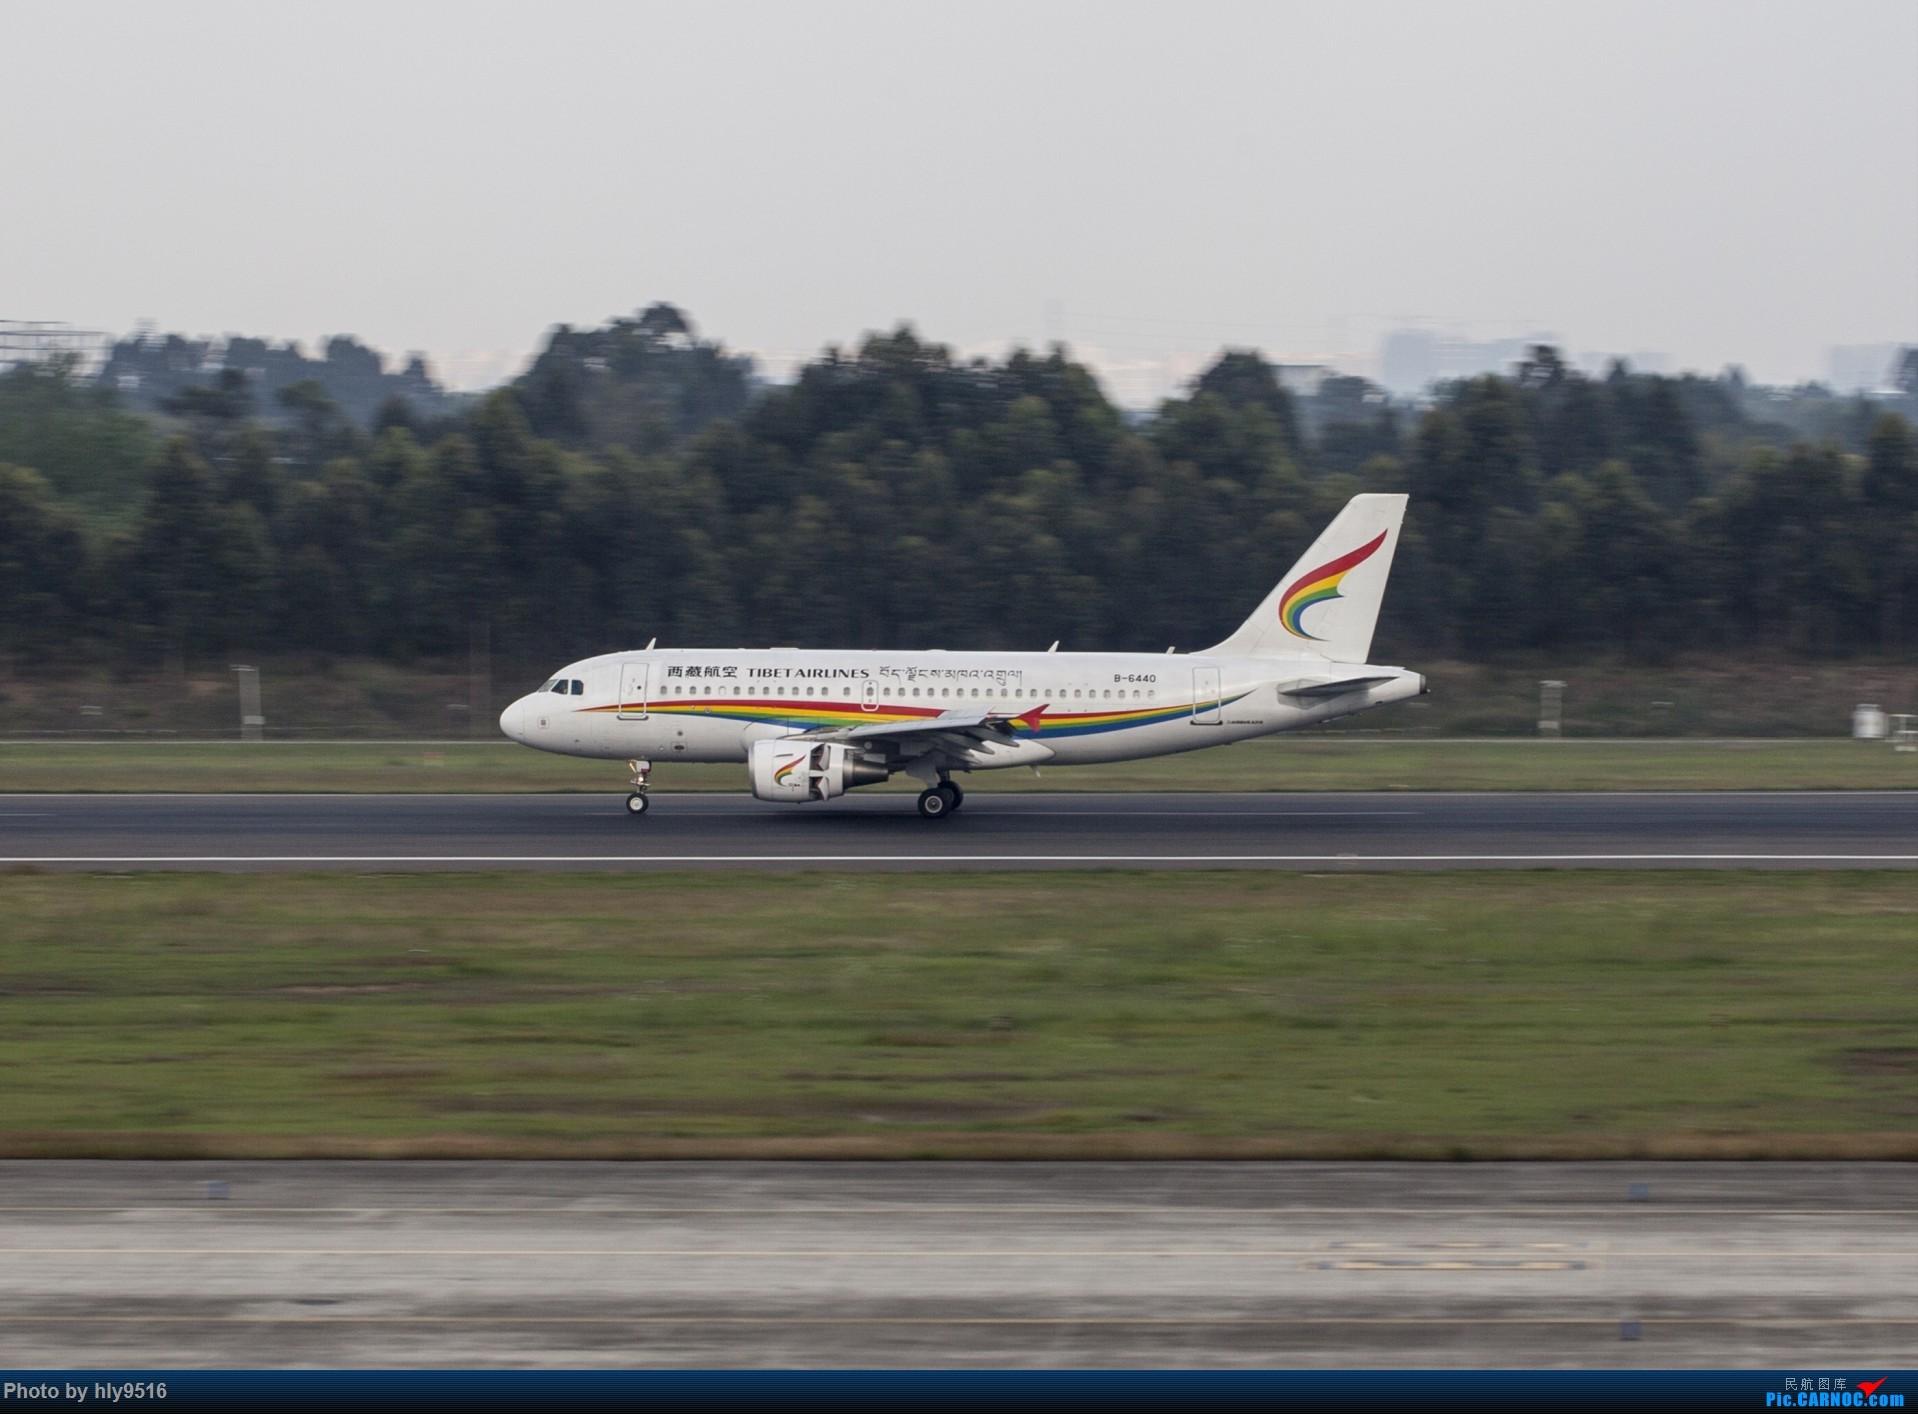 Re:[原创]【CTU】终于解决了大怨念南航A380 偶遇长荣新涂装 两次复飞 小怨念若干 AIRBUS A319-100 B-6440 中国成都双流国际机场